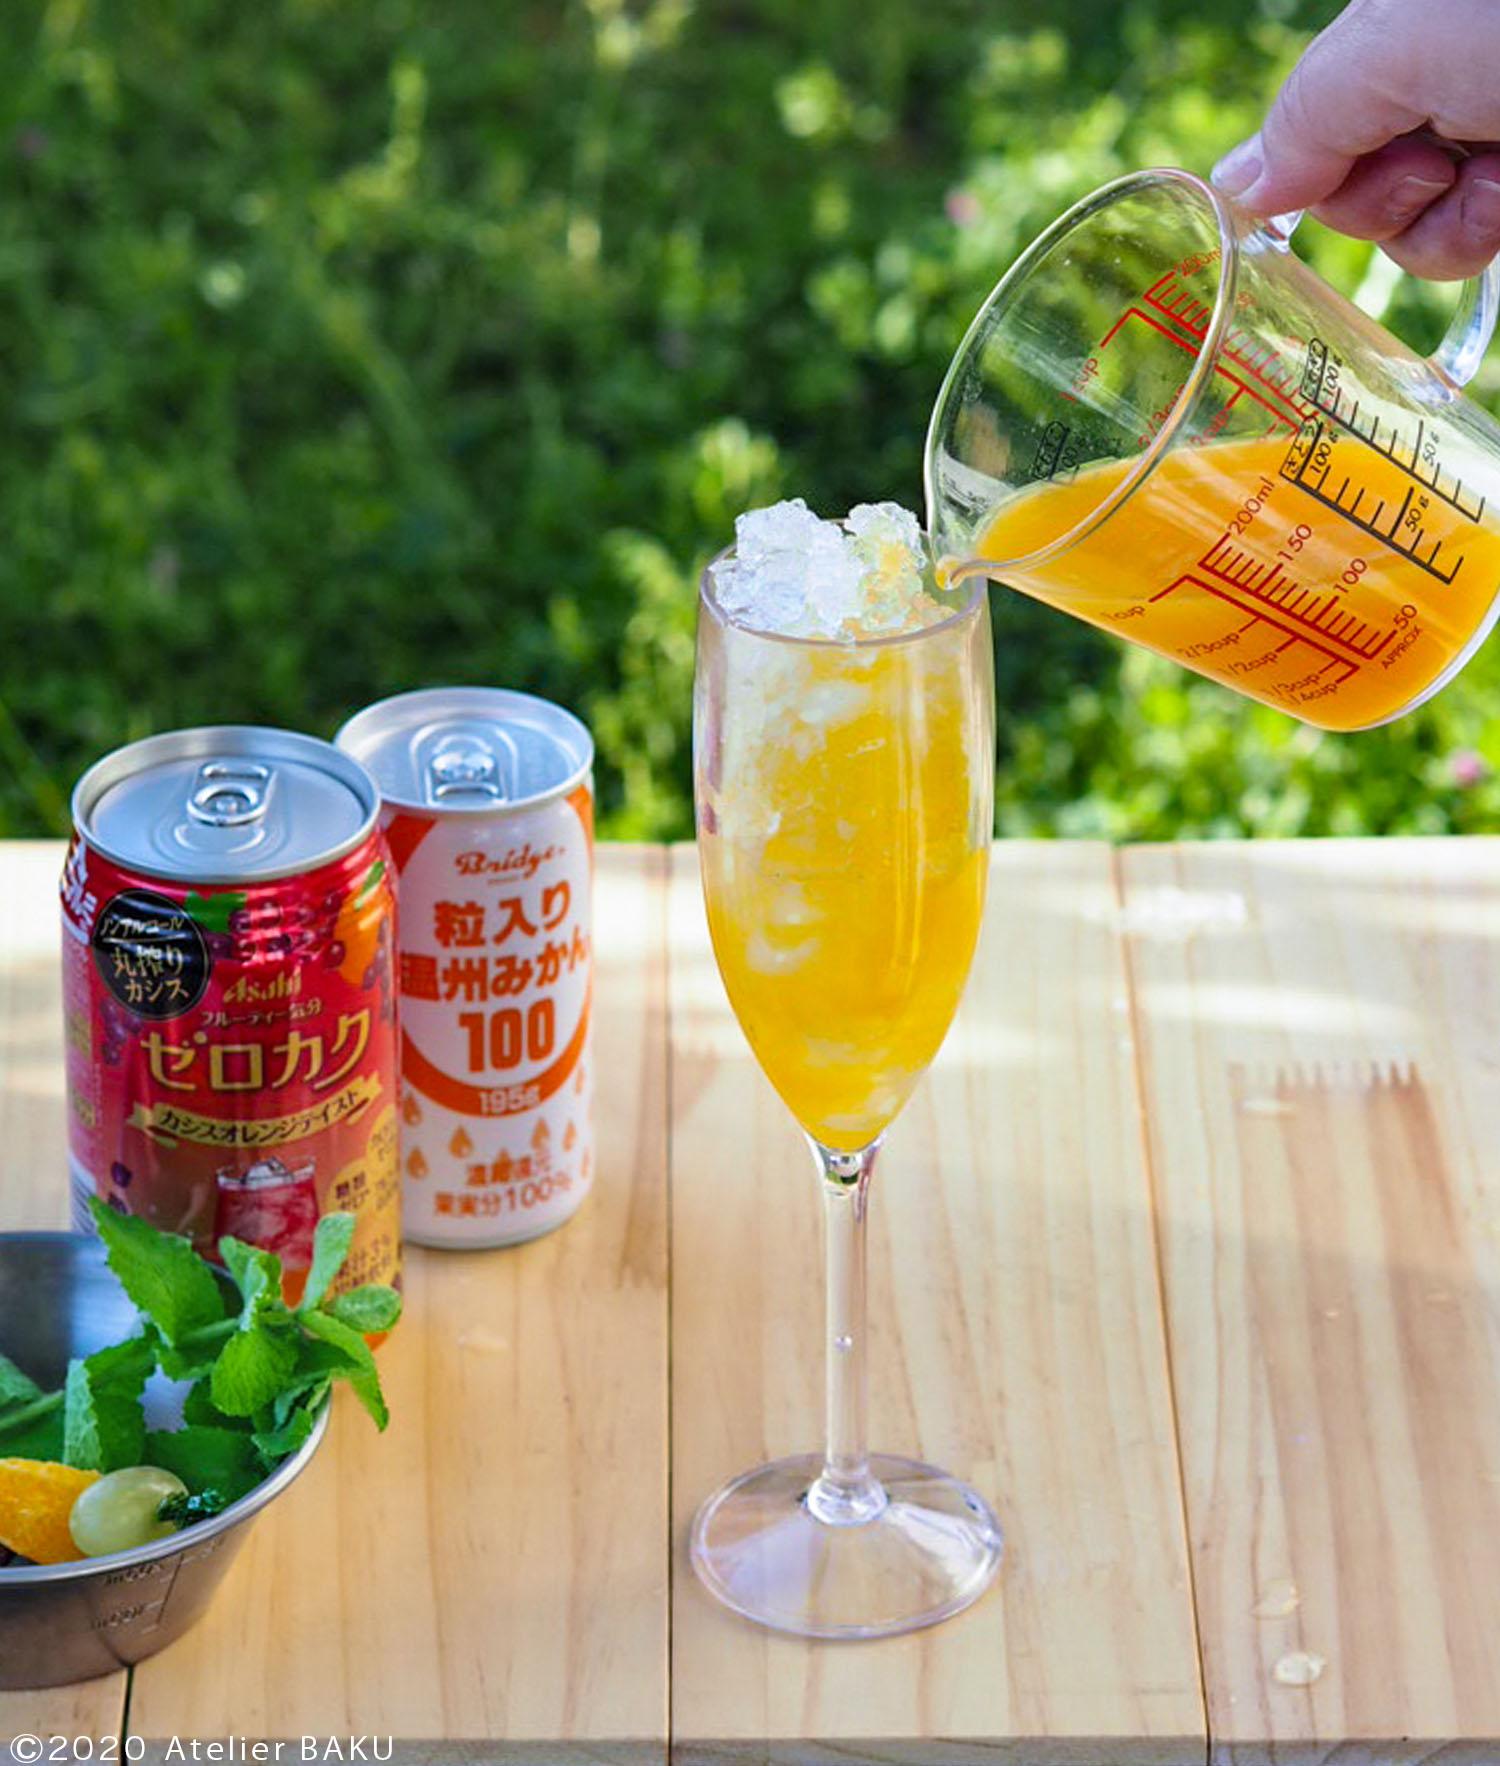 オレンジジュースを注ぐ